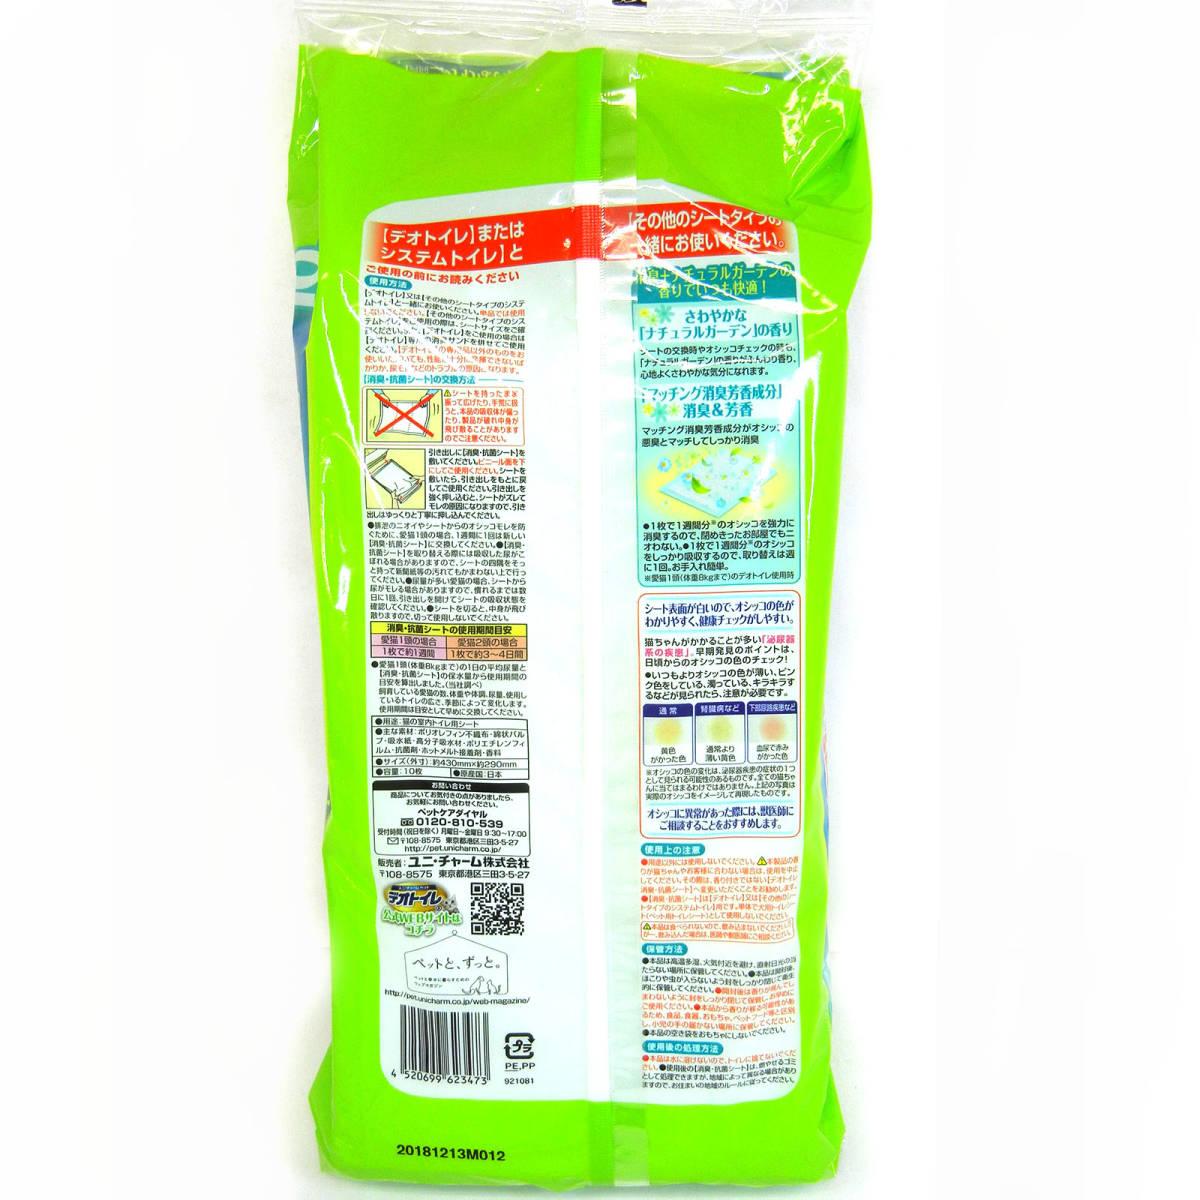 ☆【ペット用品】デオトイレ 1週間消臭・抗菌ふんわり香るシート ナチュラルガーデンの香り 10枚入☆_画像2